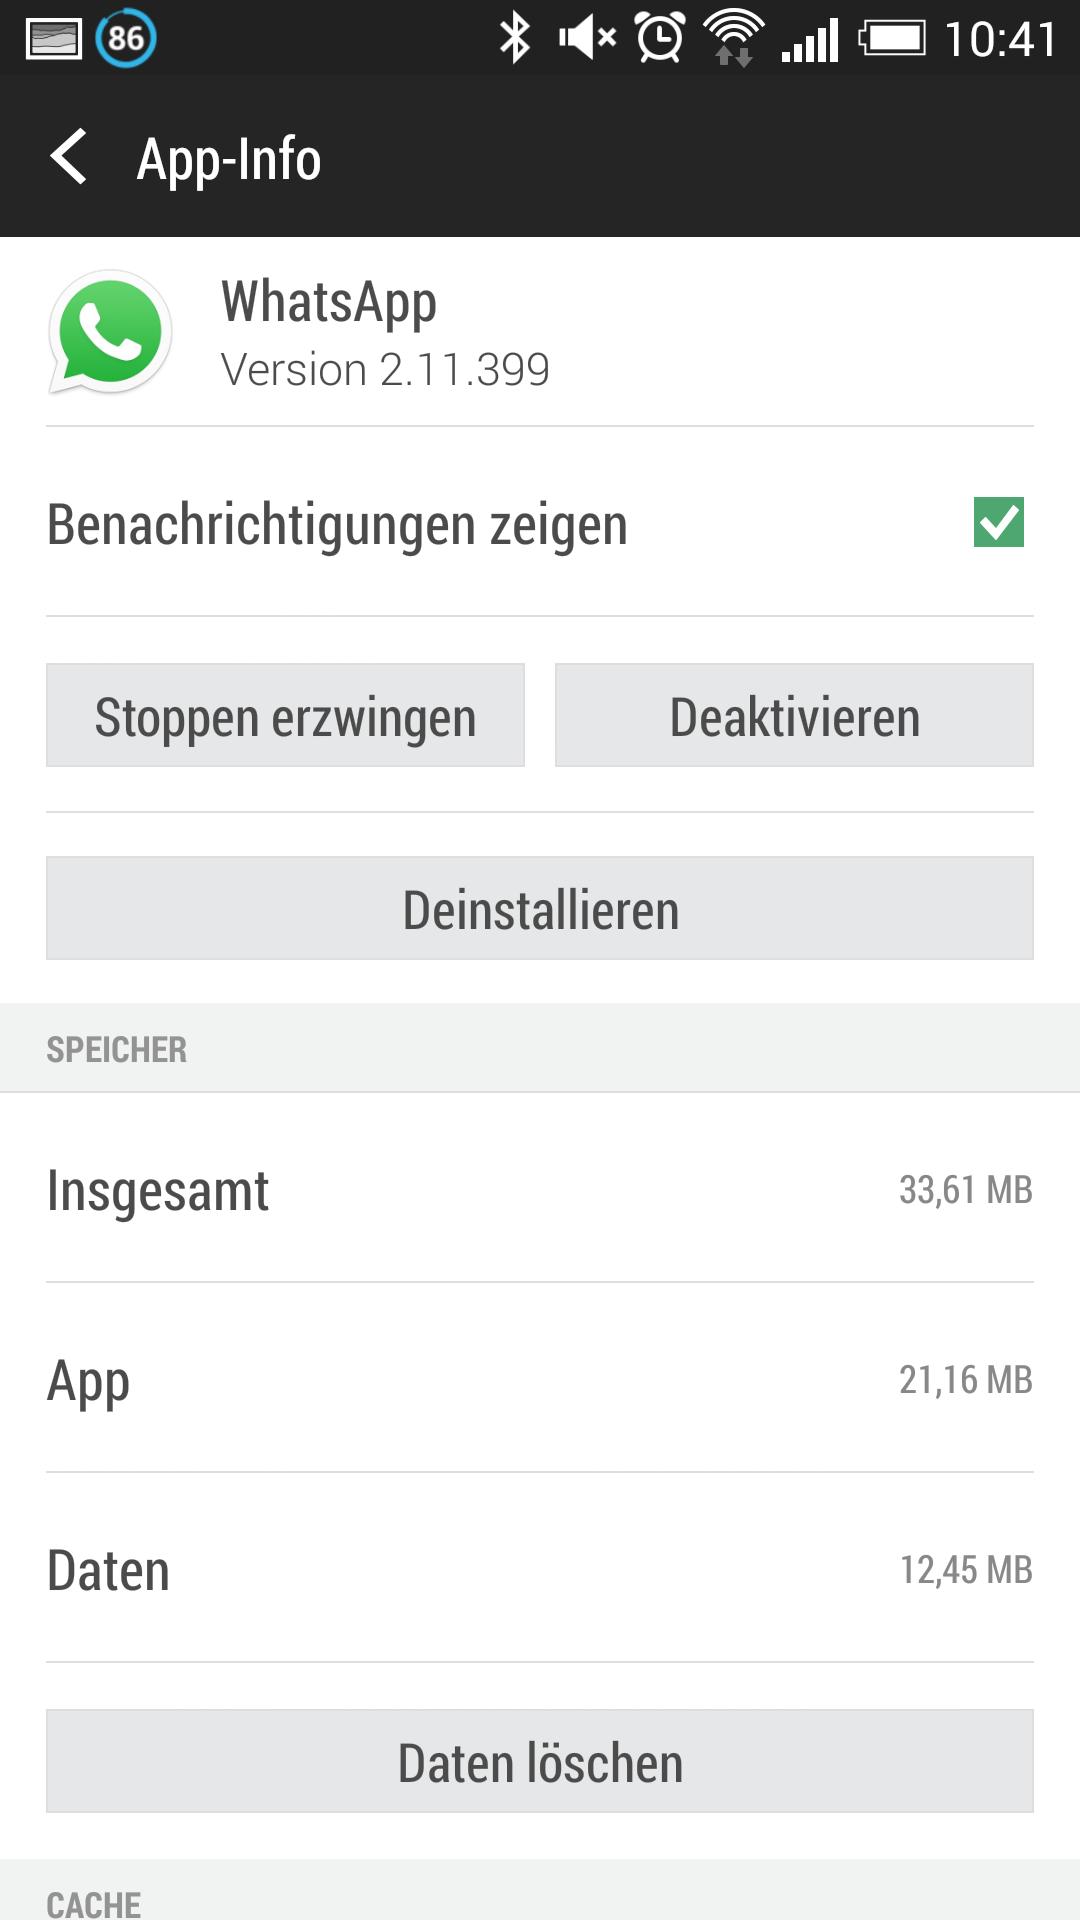 WhatsApp Speicher voll: Daten löschen am iPhone & Android